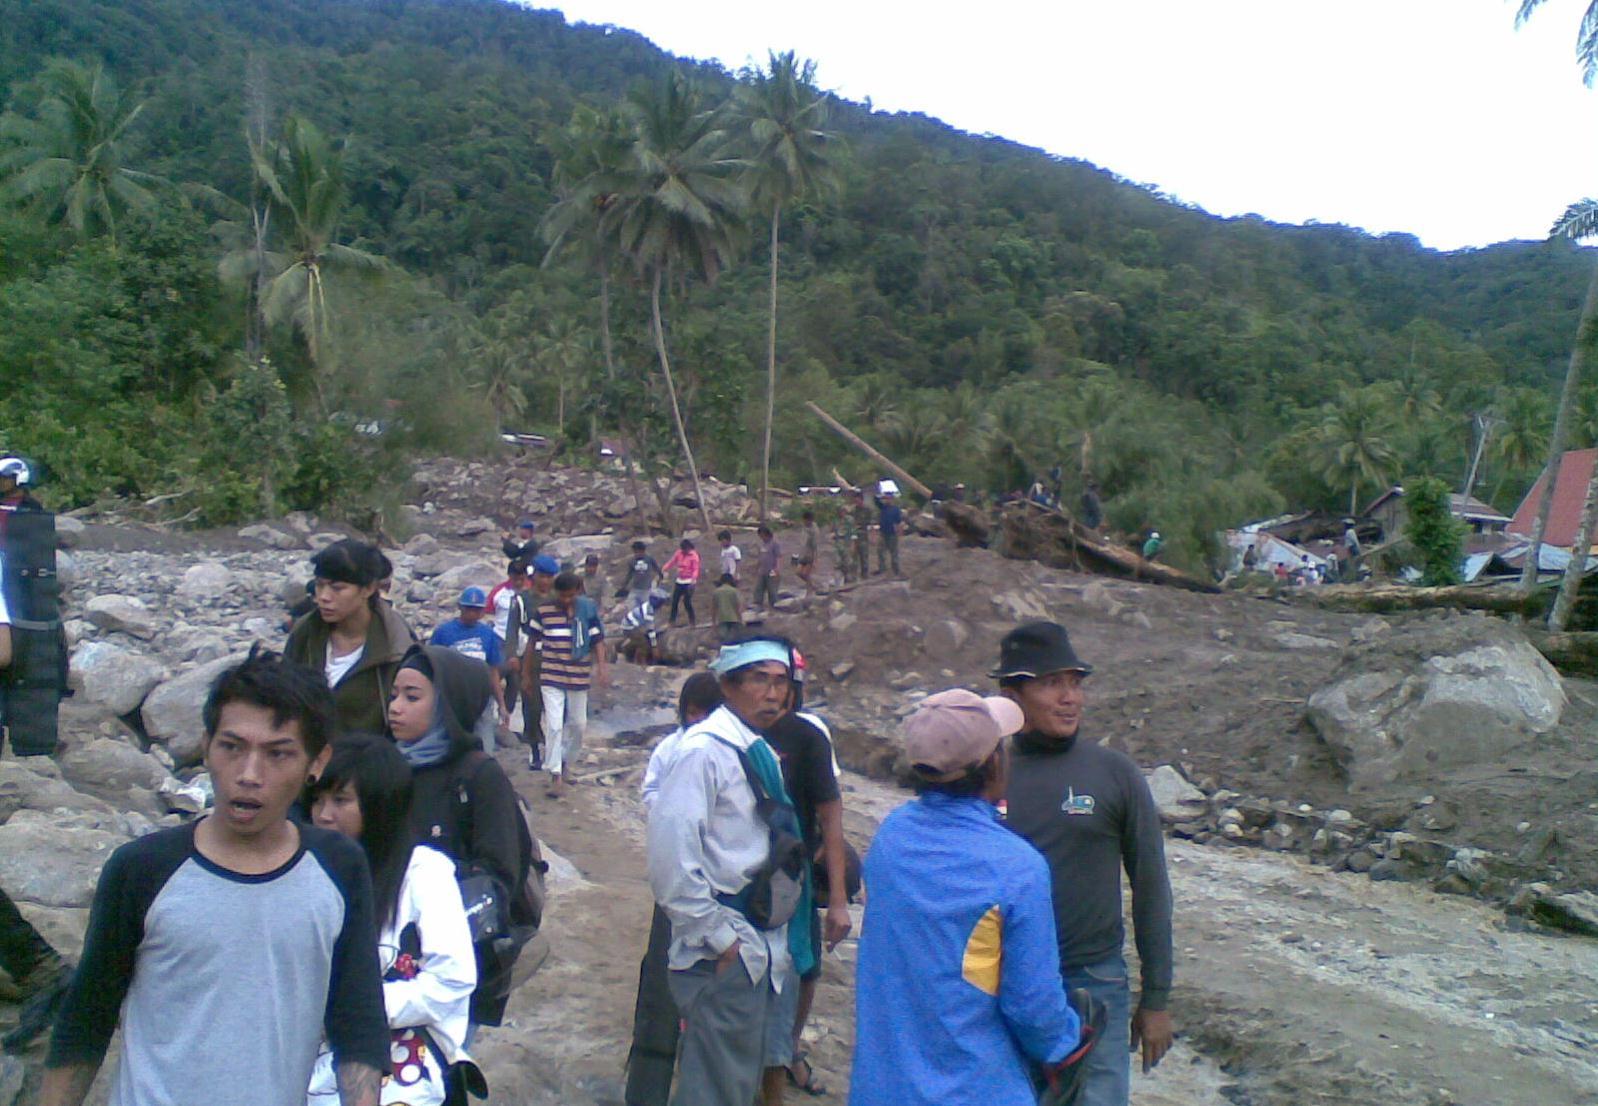 Banjir Bandang Melanda Desa di Sigi, Sulawesi Tengah